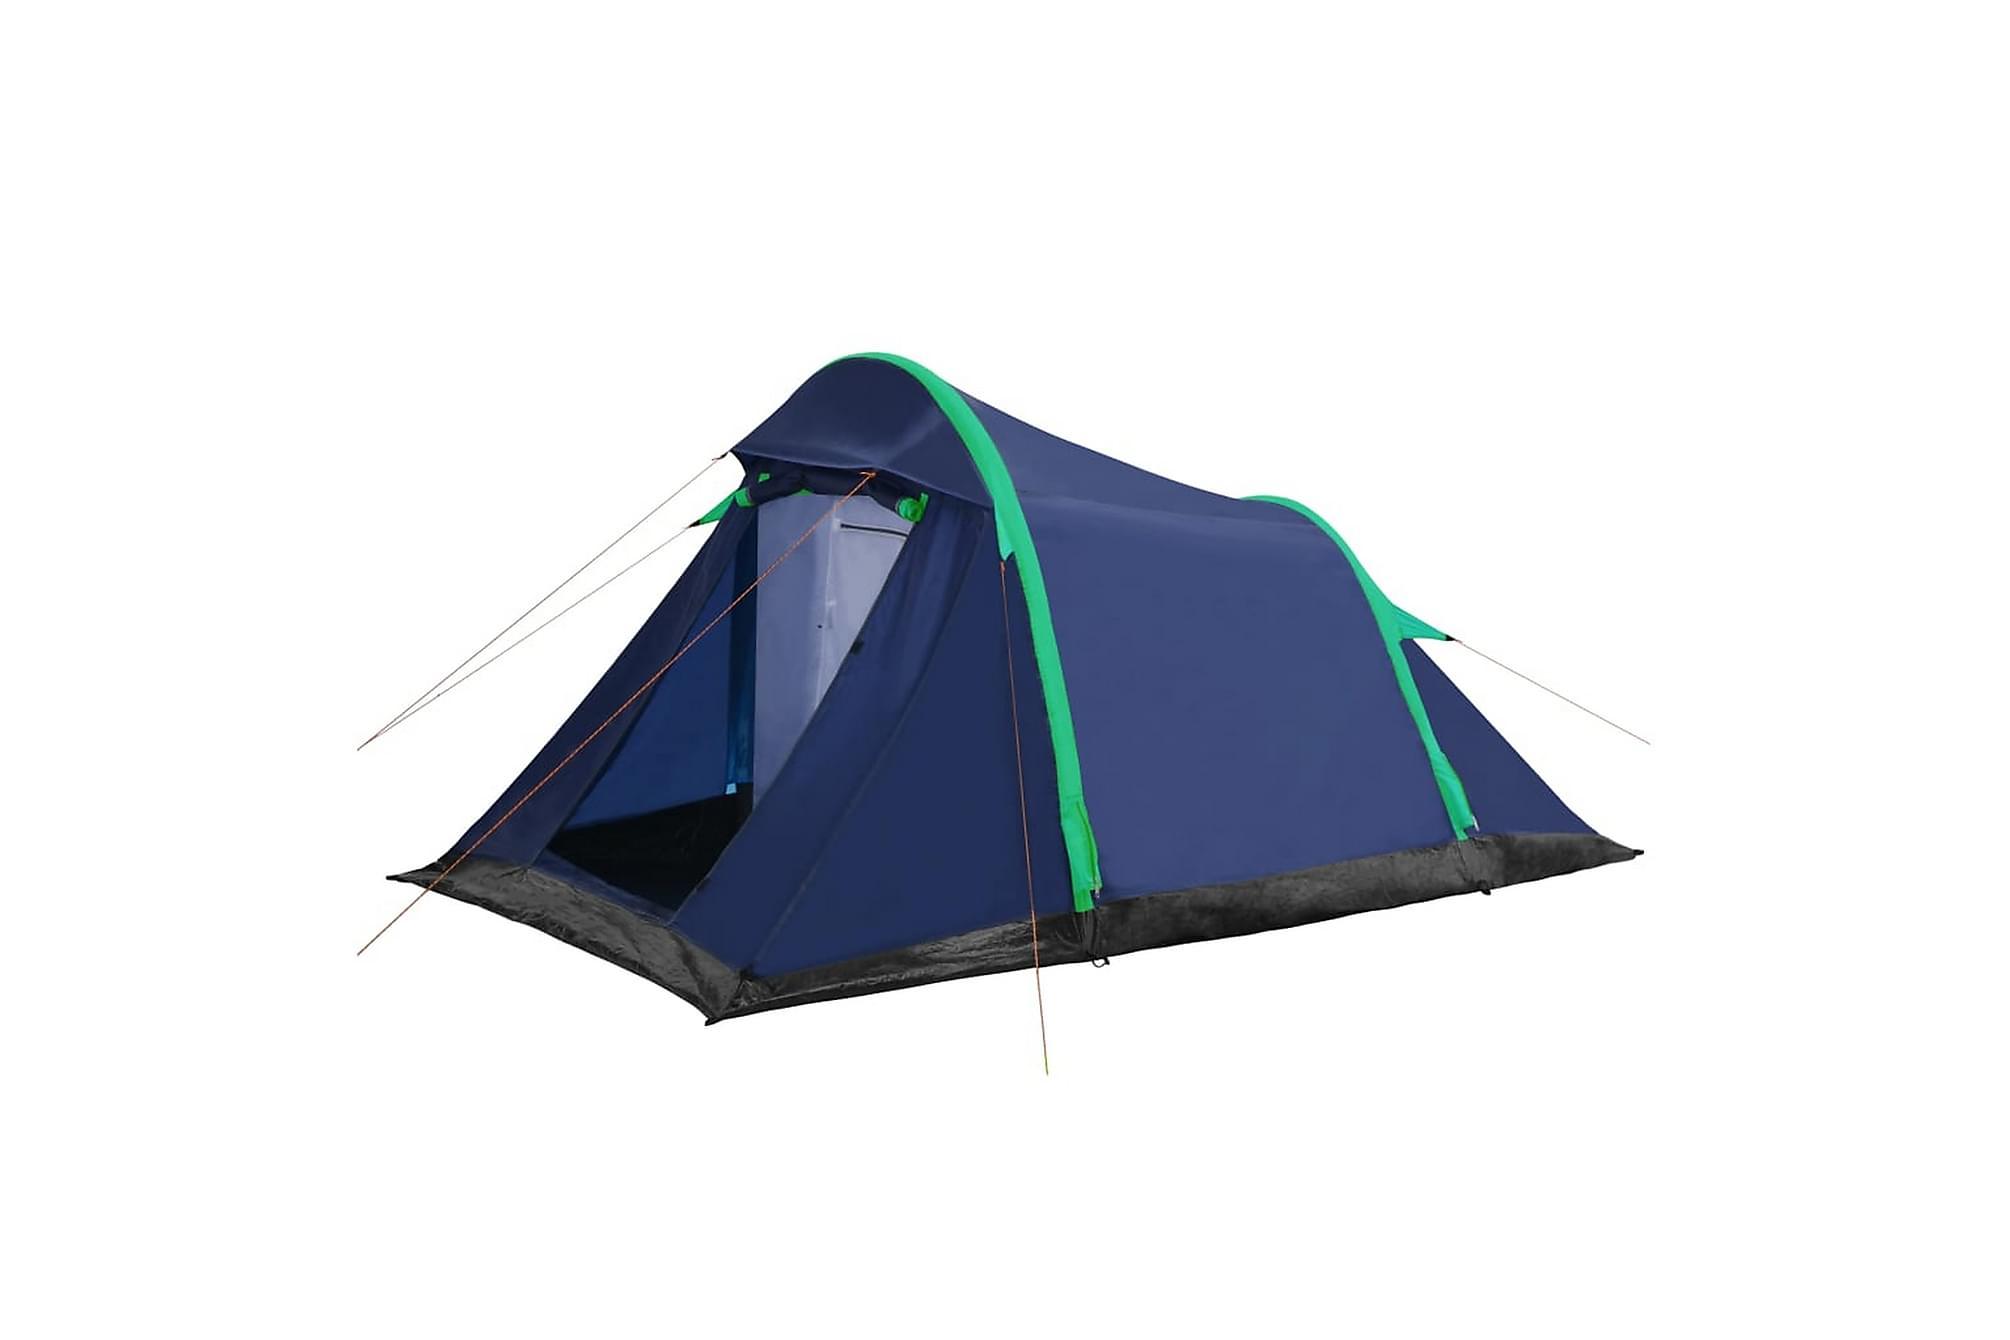 Campingtält m. uppblåsbarastänger 320x170x150/110cm blå/grön, Partytält